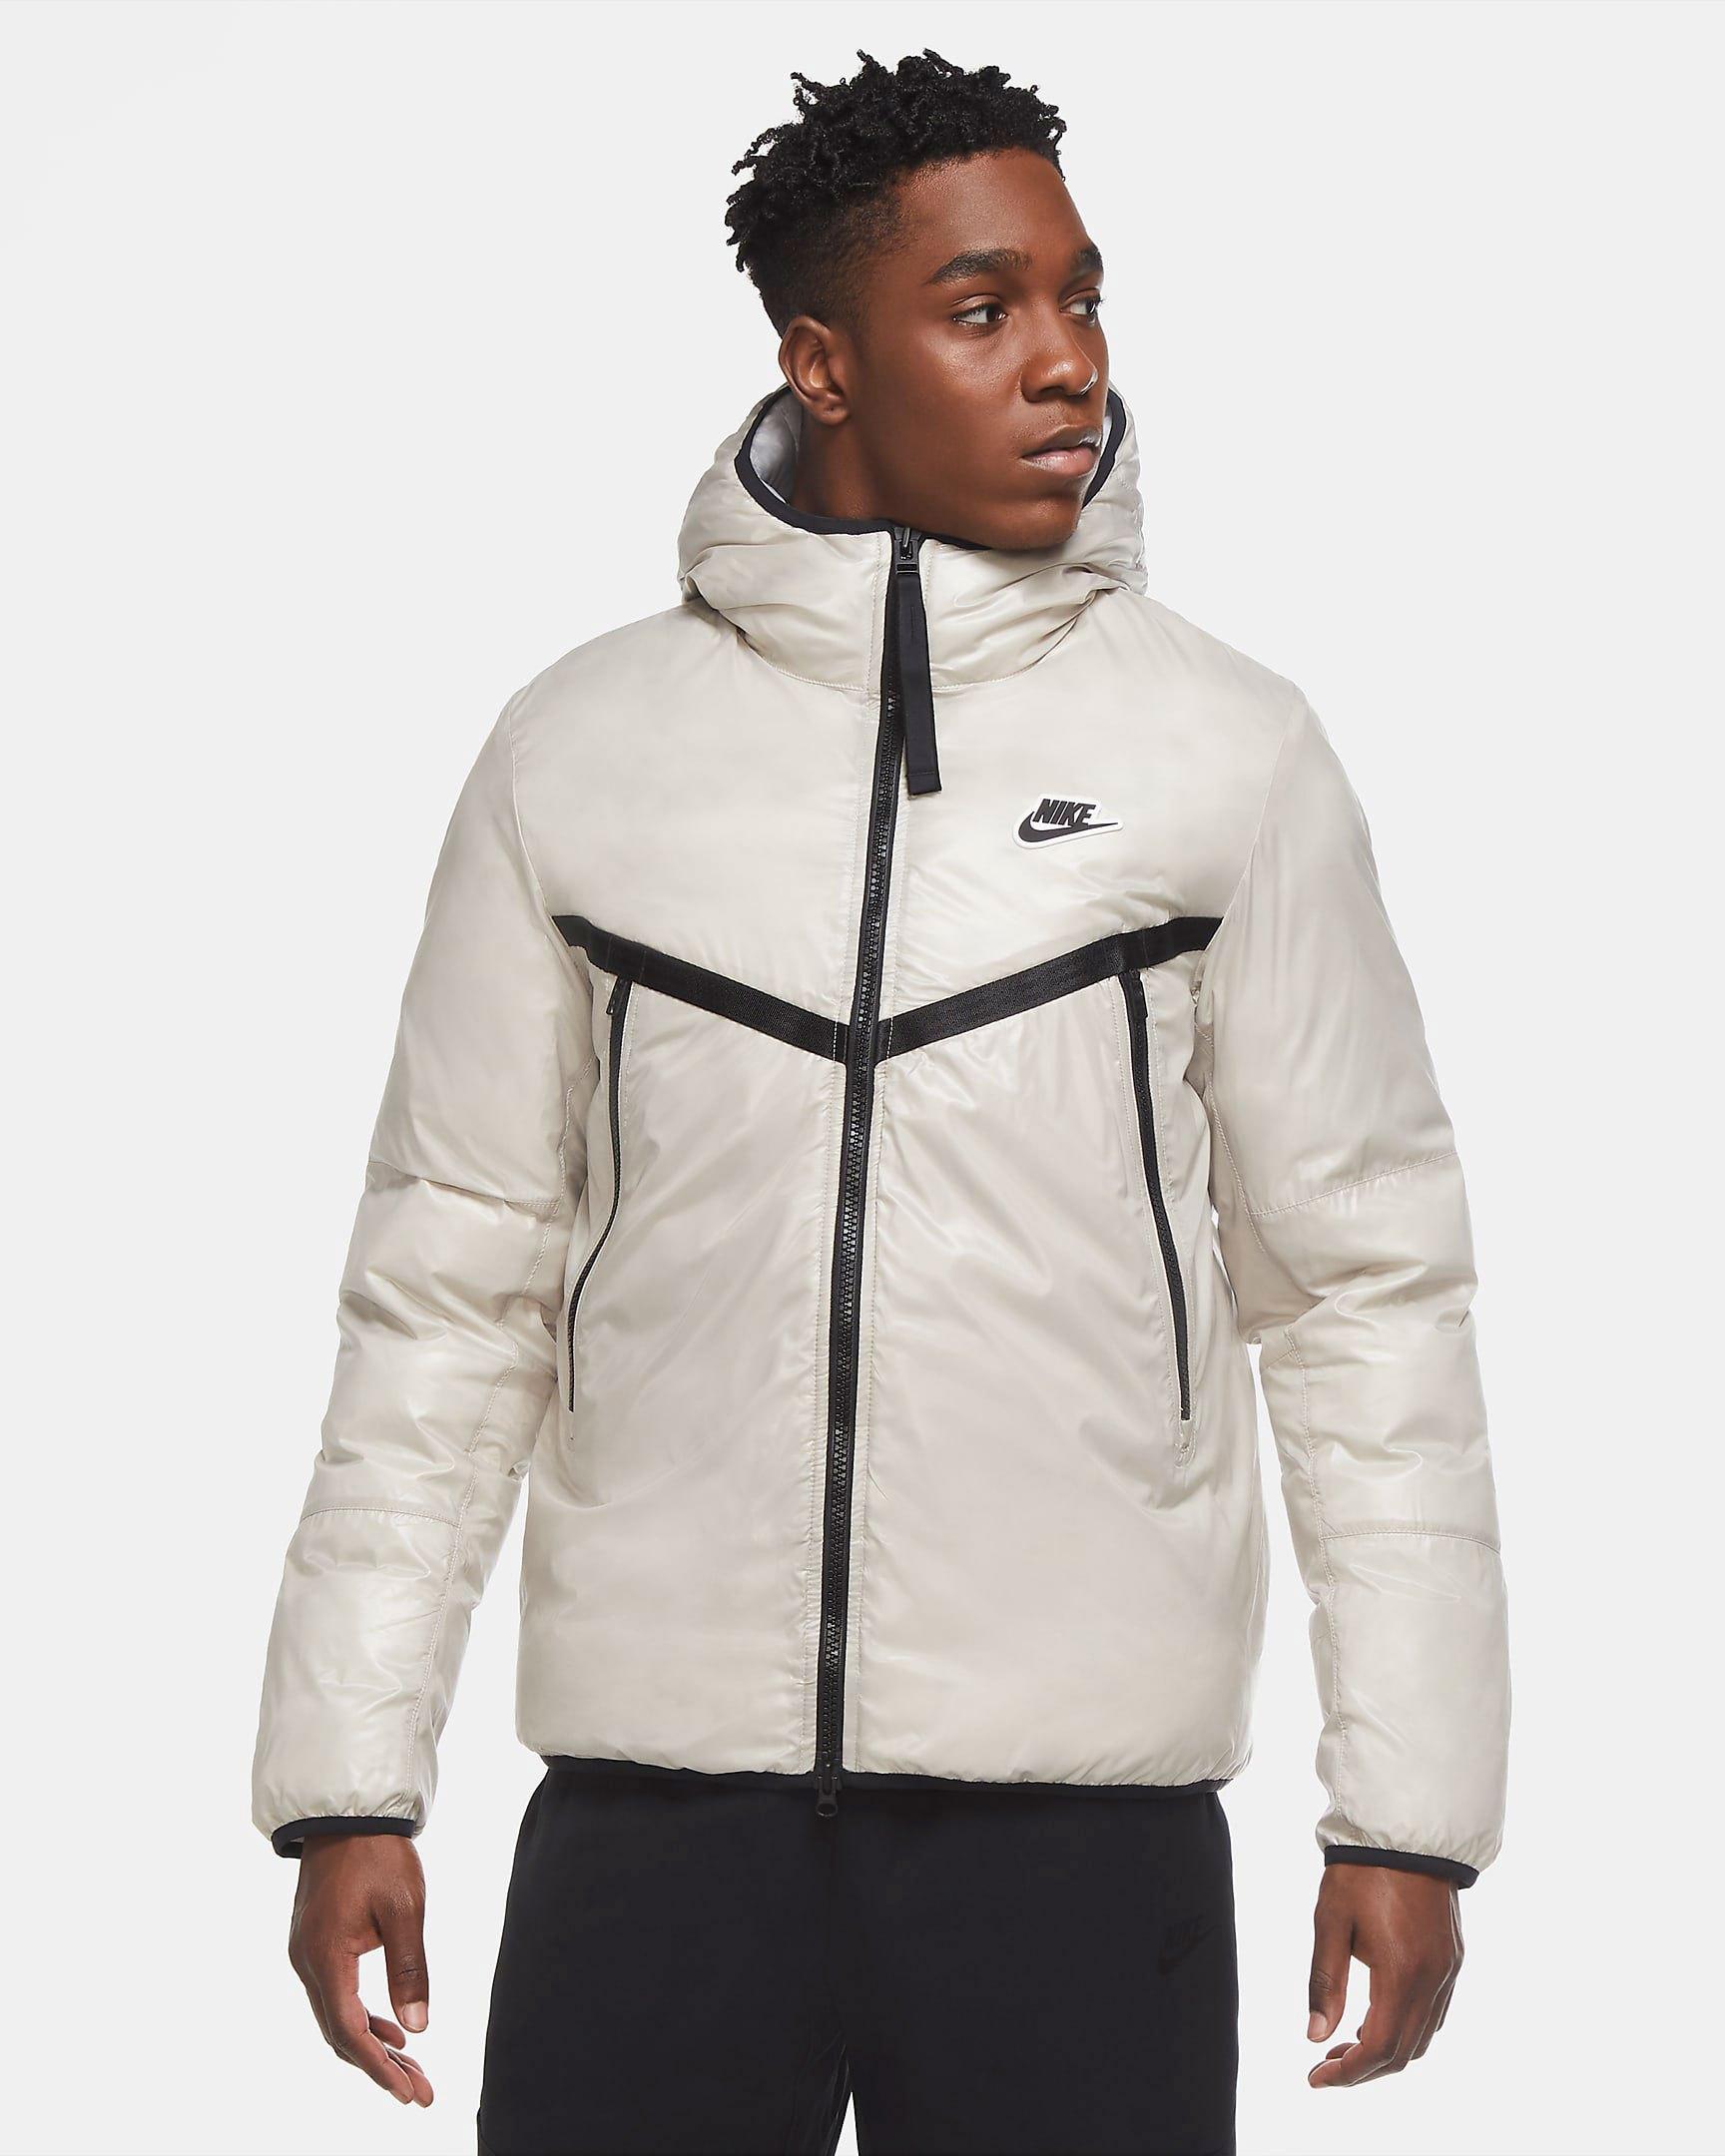 nike-sportswear-repel-fill-jacket-stone-white